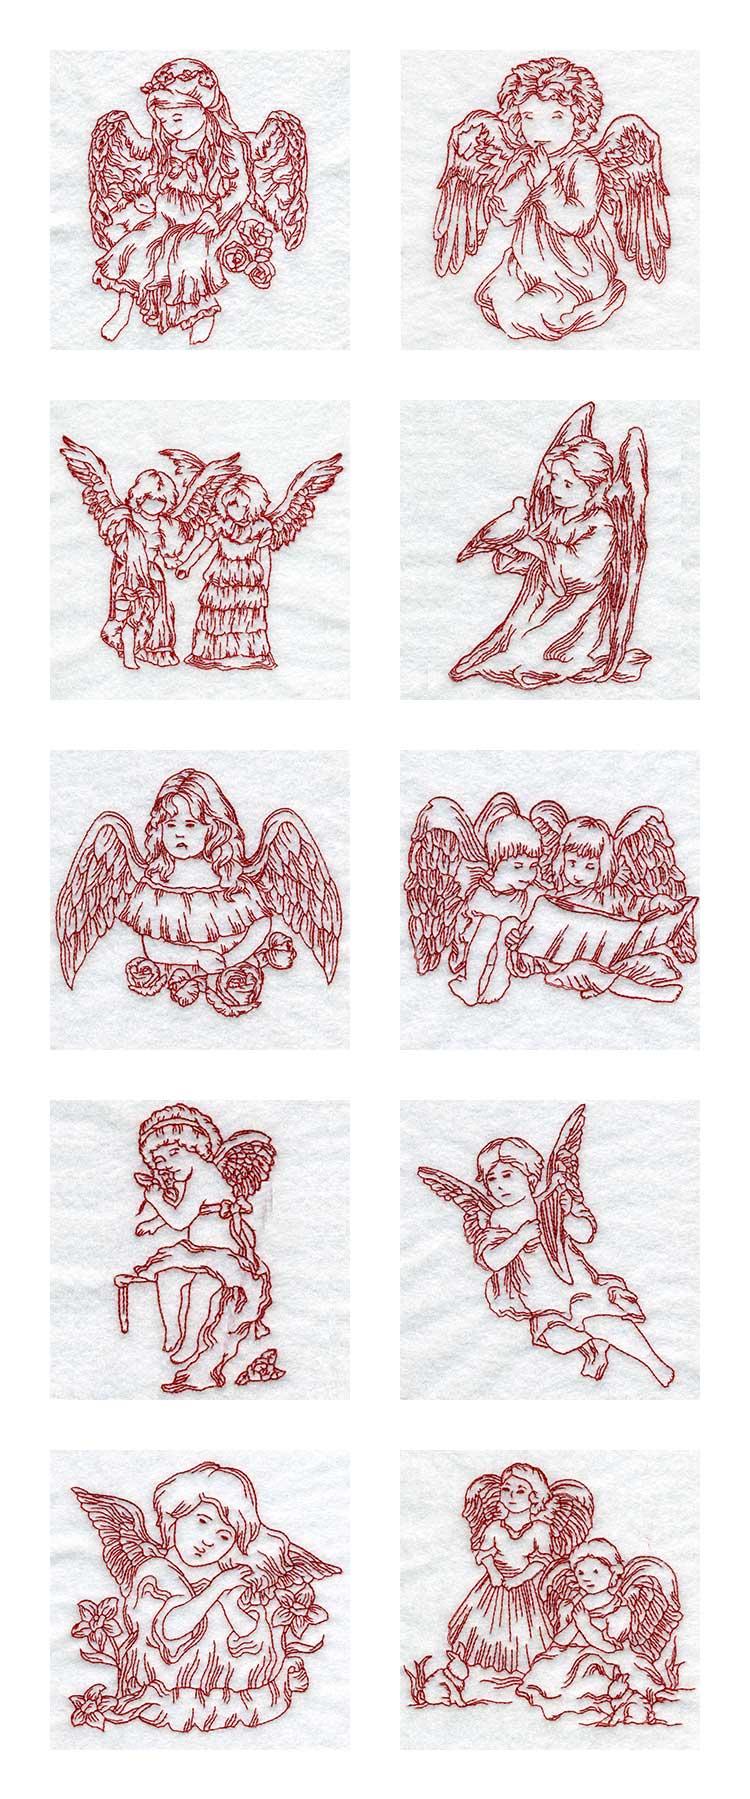 Embroidery machine designs line art children angels set